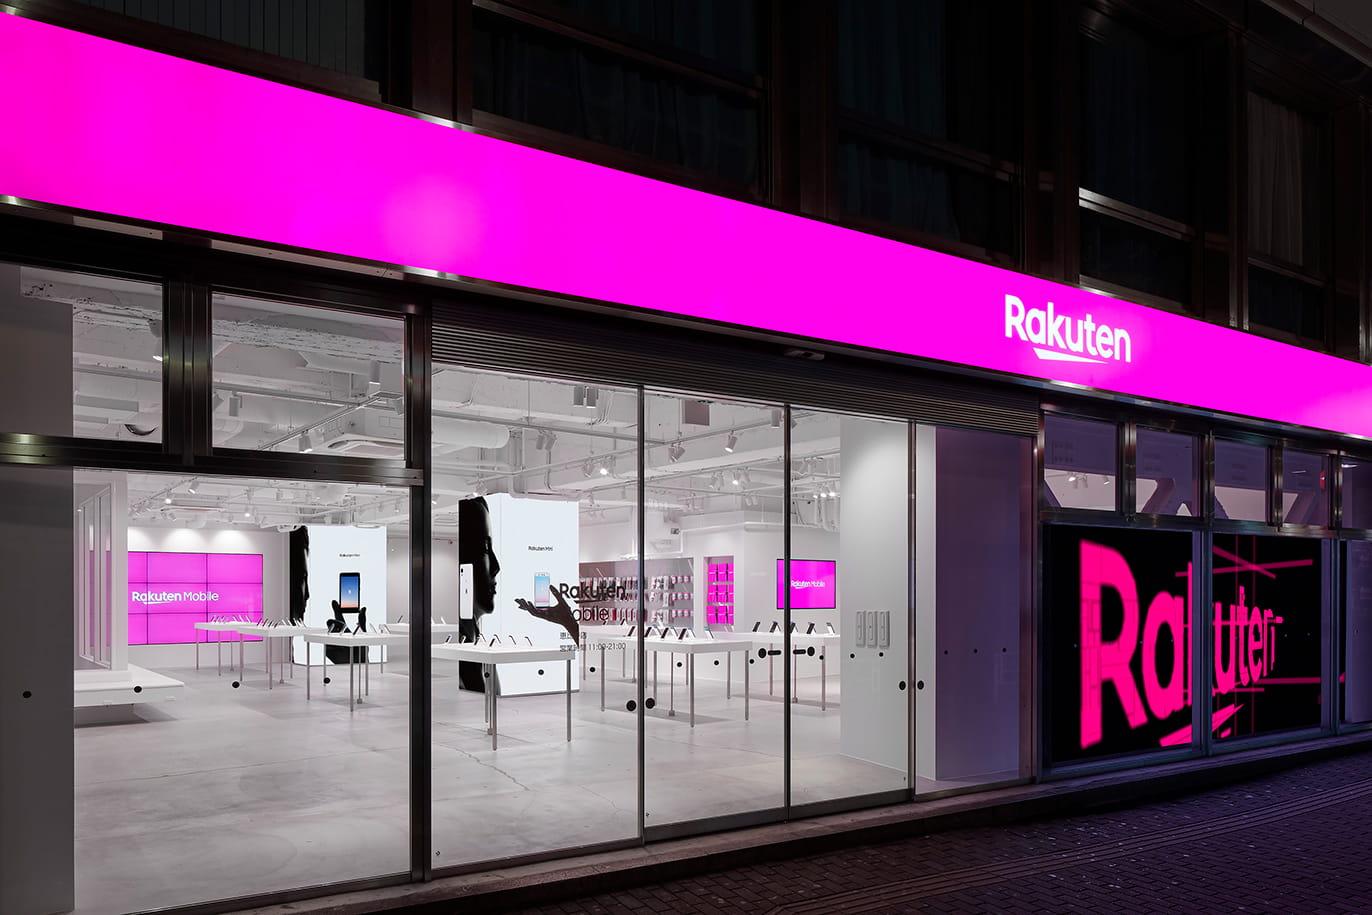 楽天モバイル 恵比寿店」新デザインの店舗オープン当日の舞台裏 | 楽天モバイル株式会社